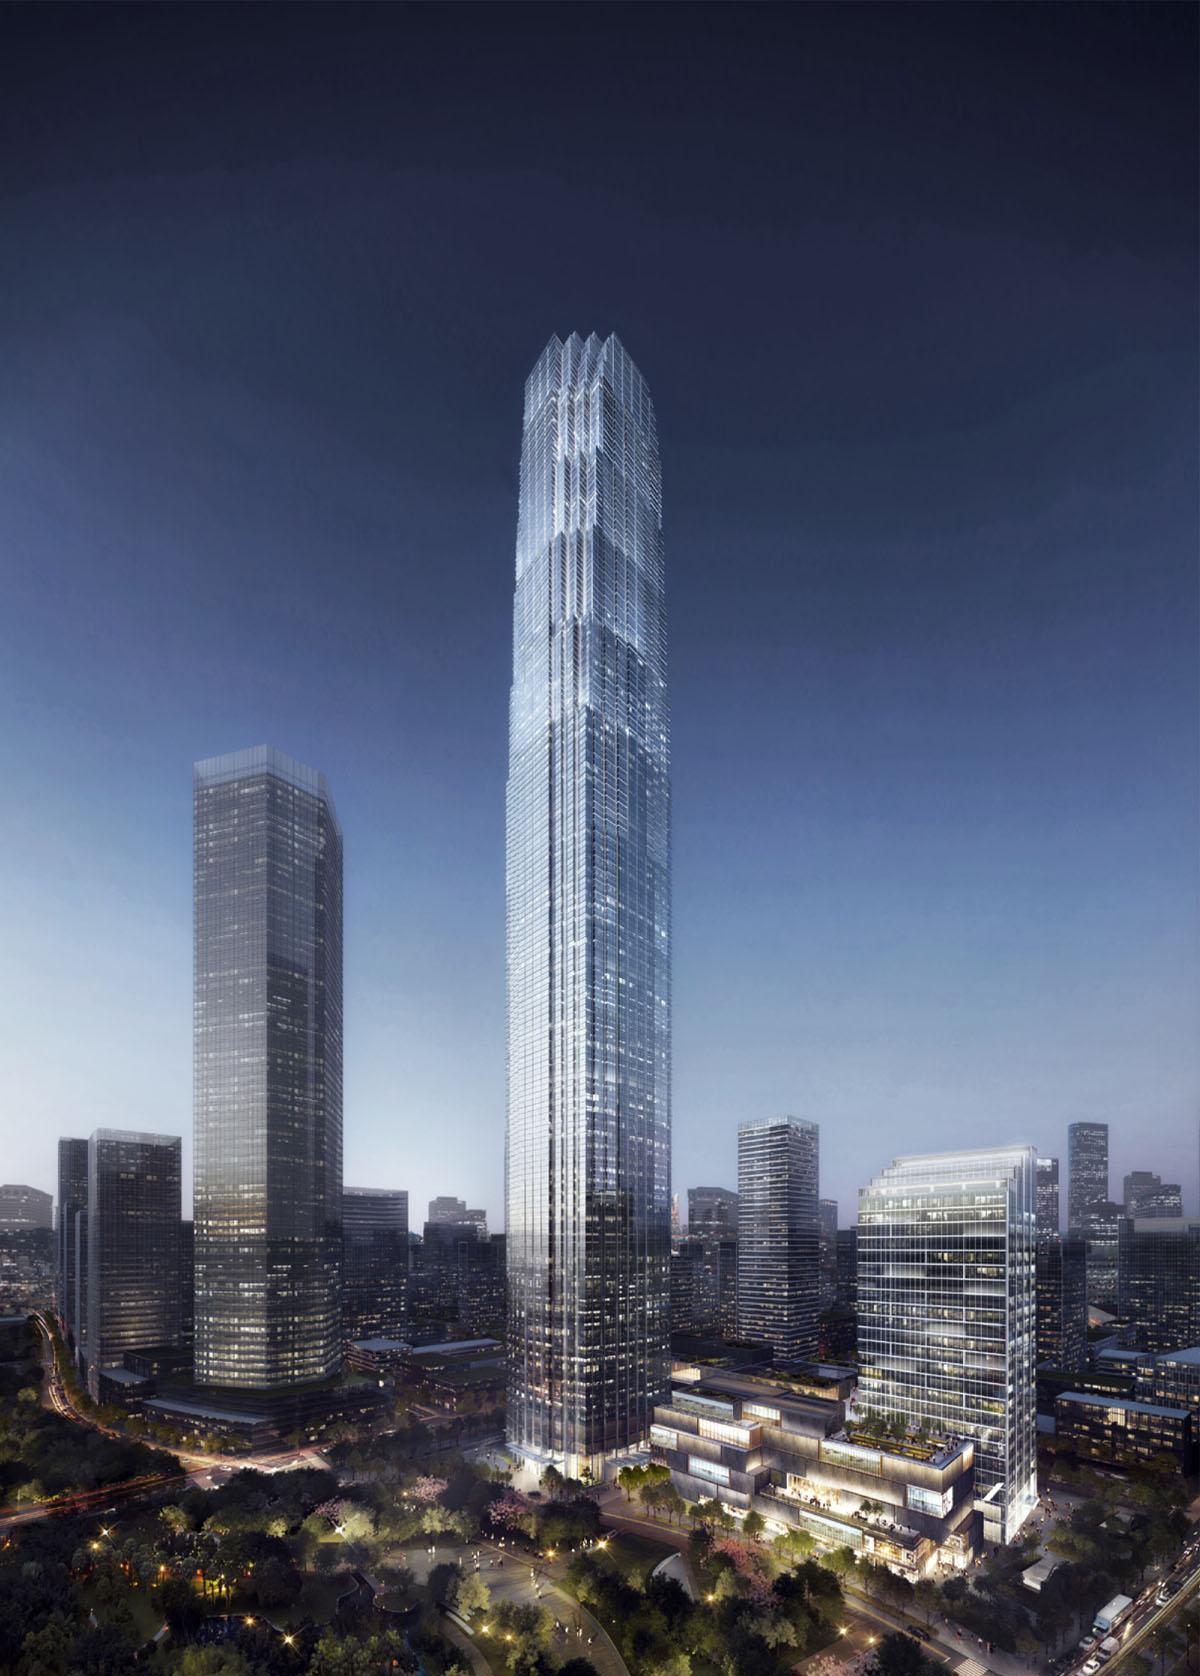 新浪微博_绿地山东国际金融中心 | SOM - 品素品设计